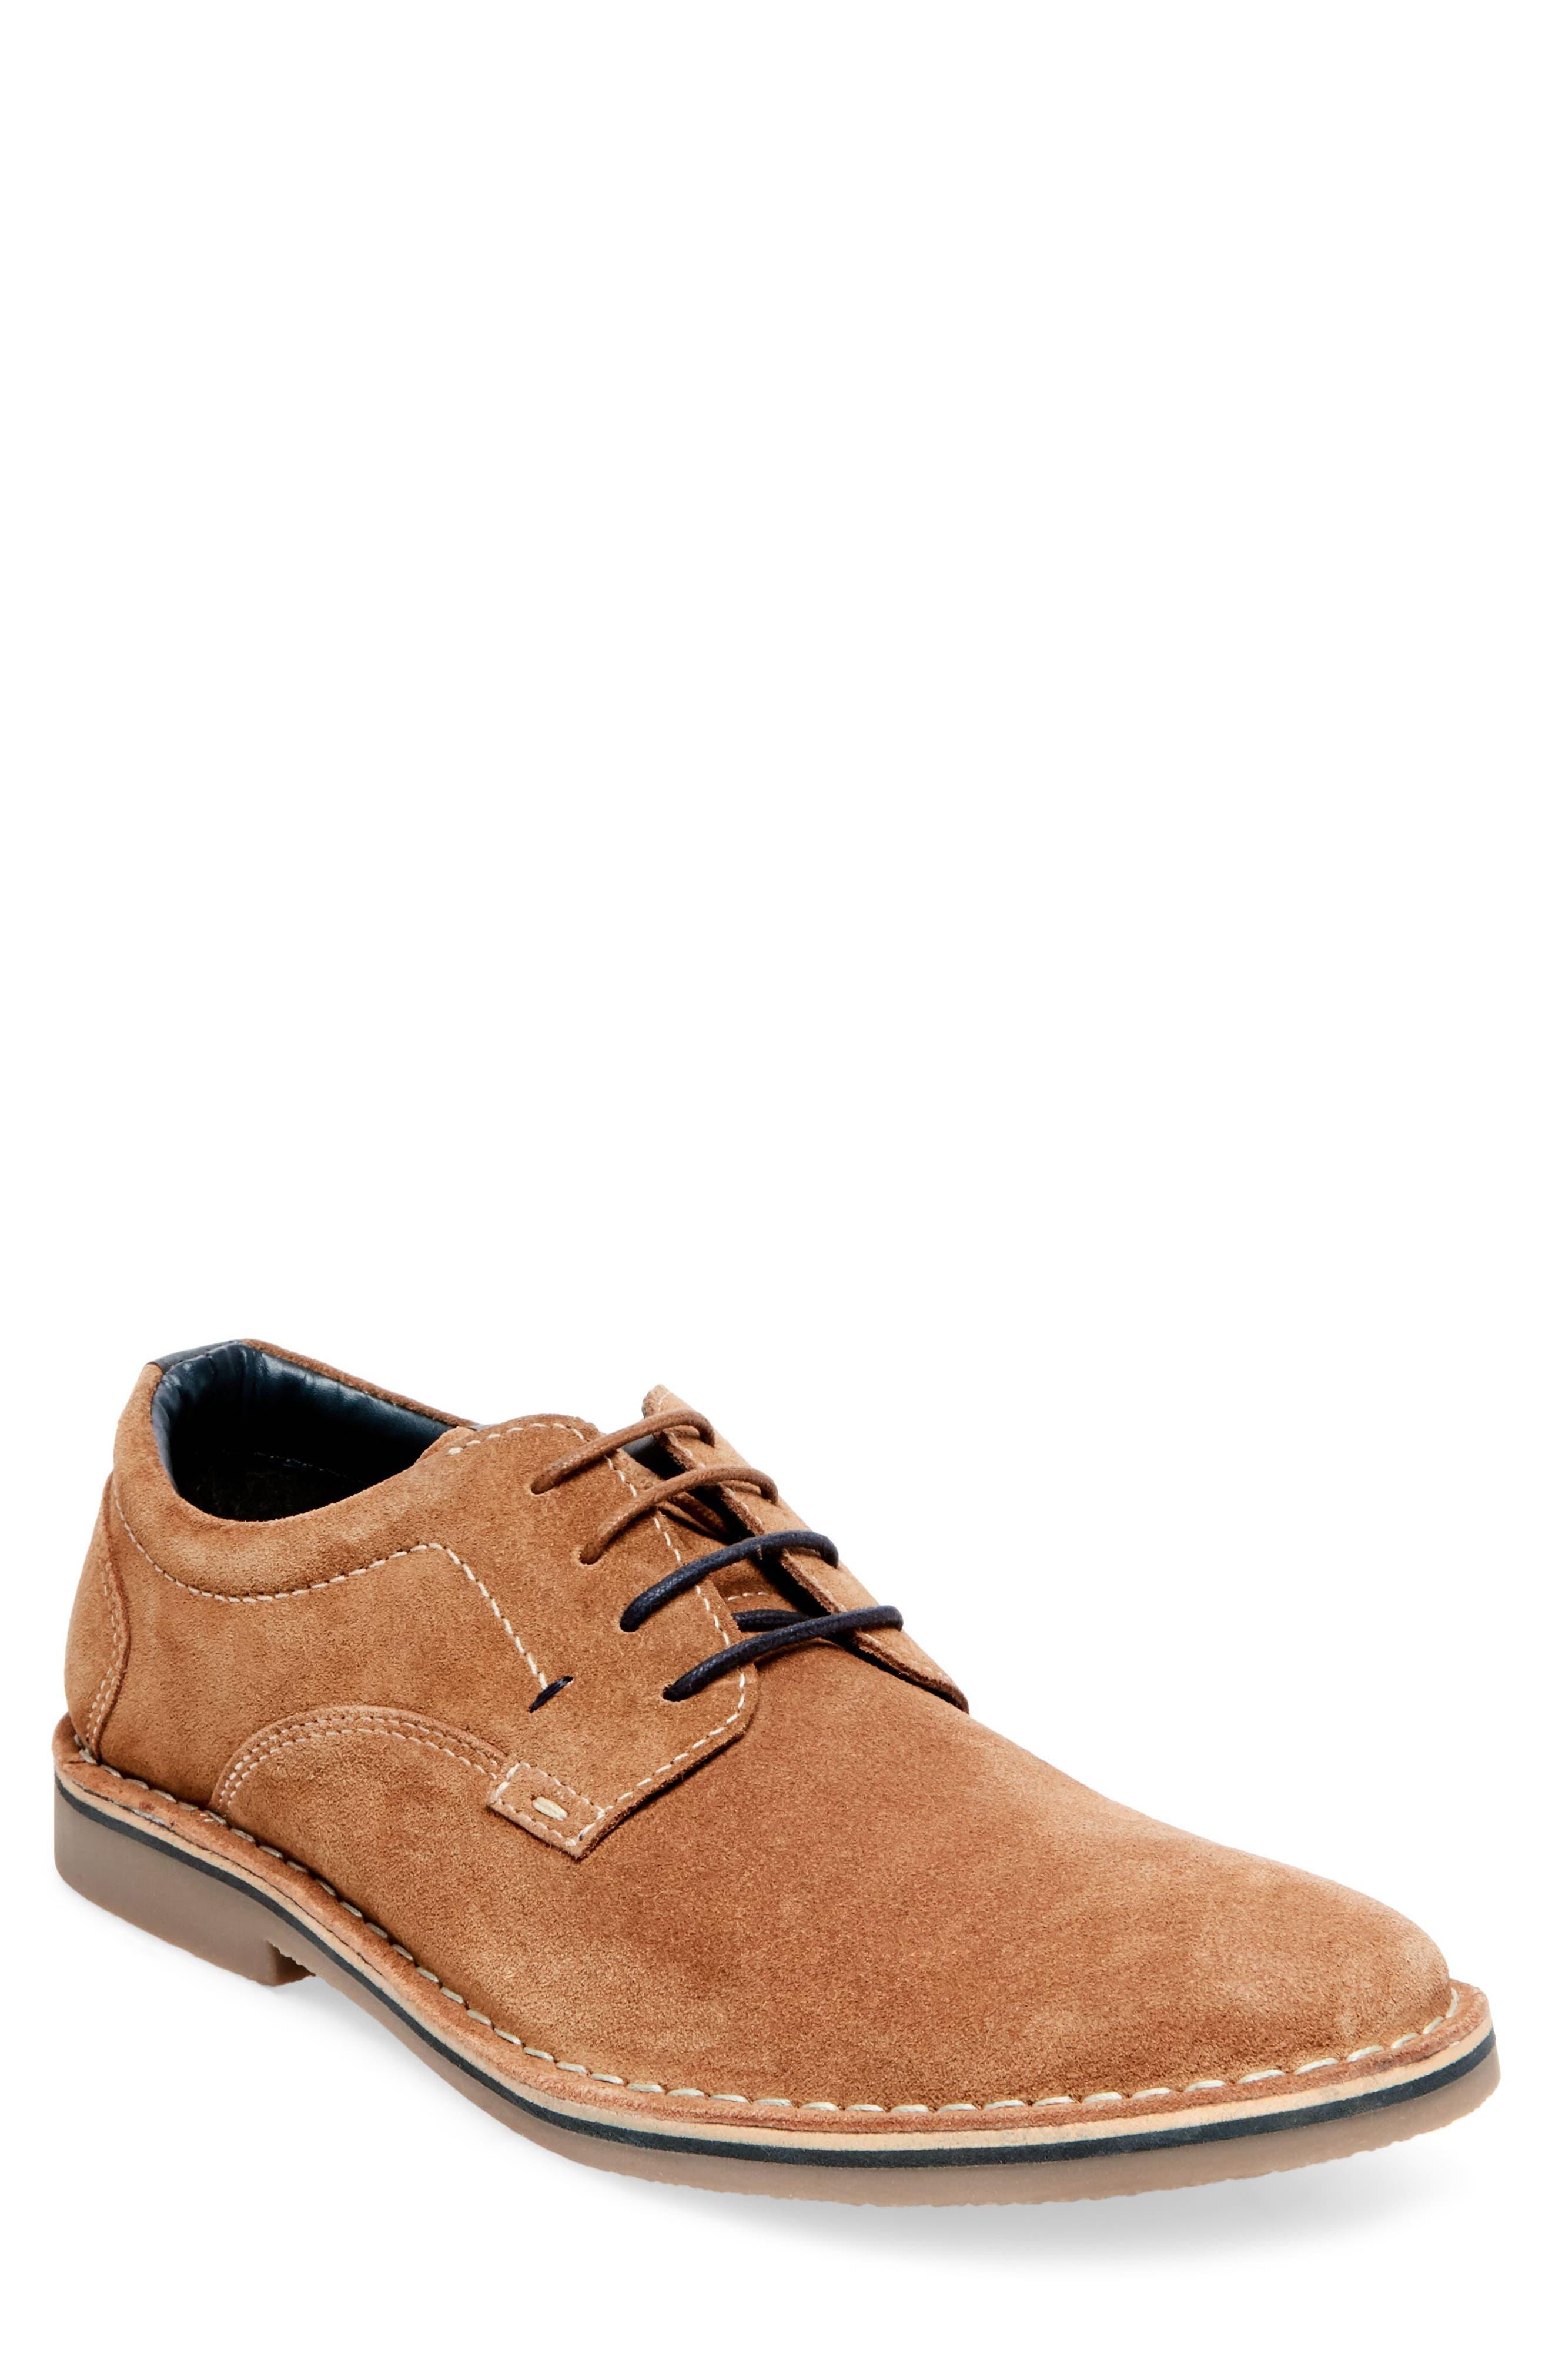 Hatrick Buck Shoe,                         Main,                         color, 218